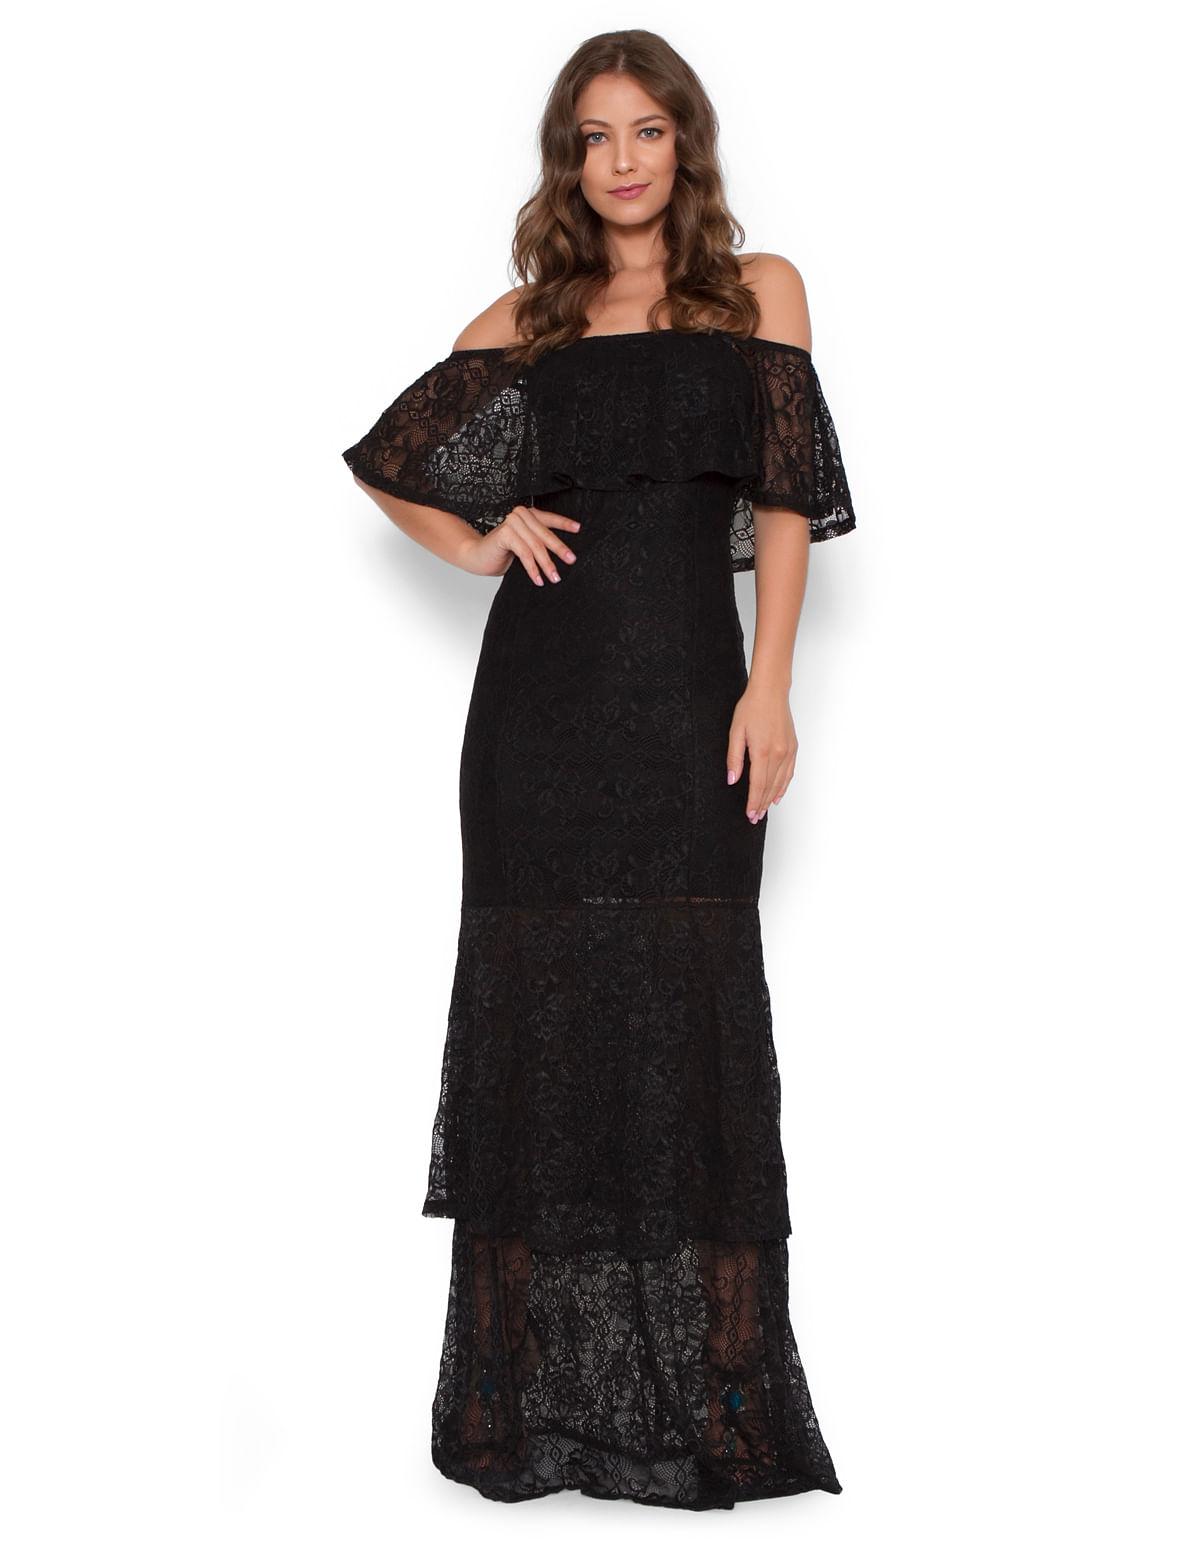 5503a27d5a Vestido longo ciganinha babados preto - LucyintheSky